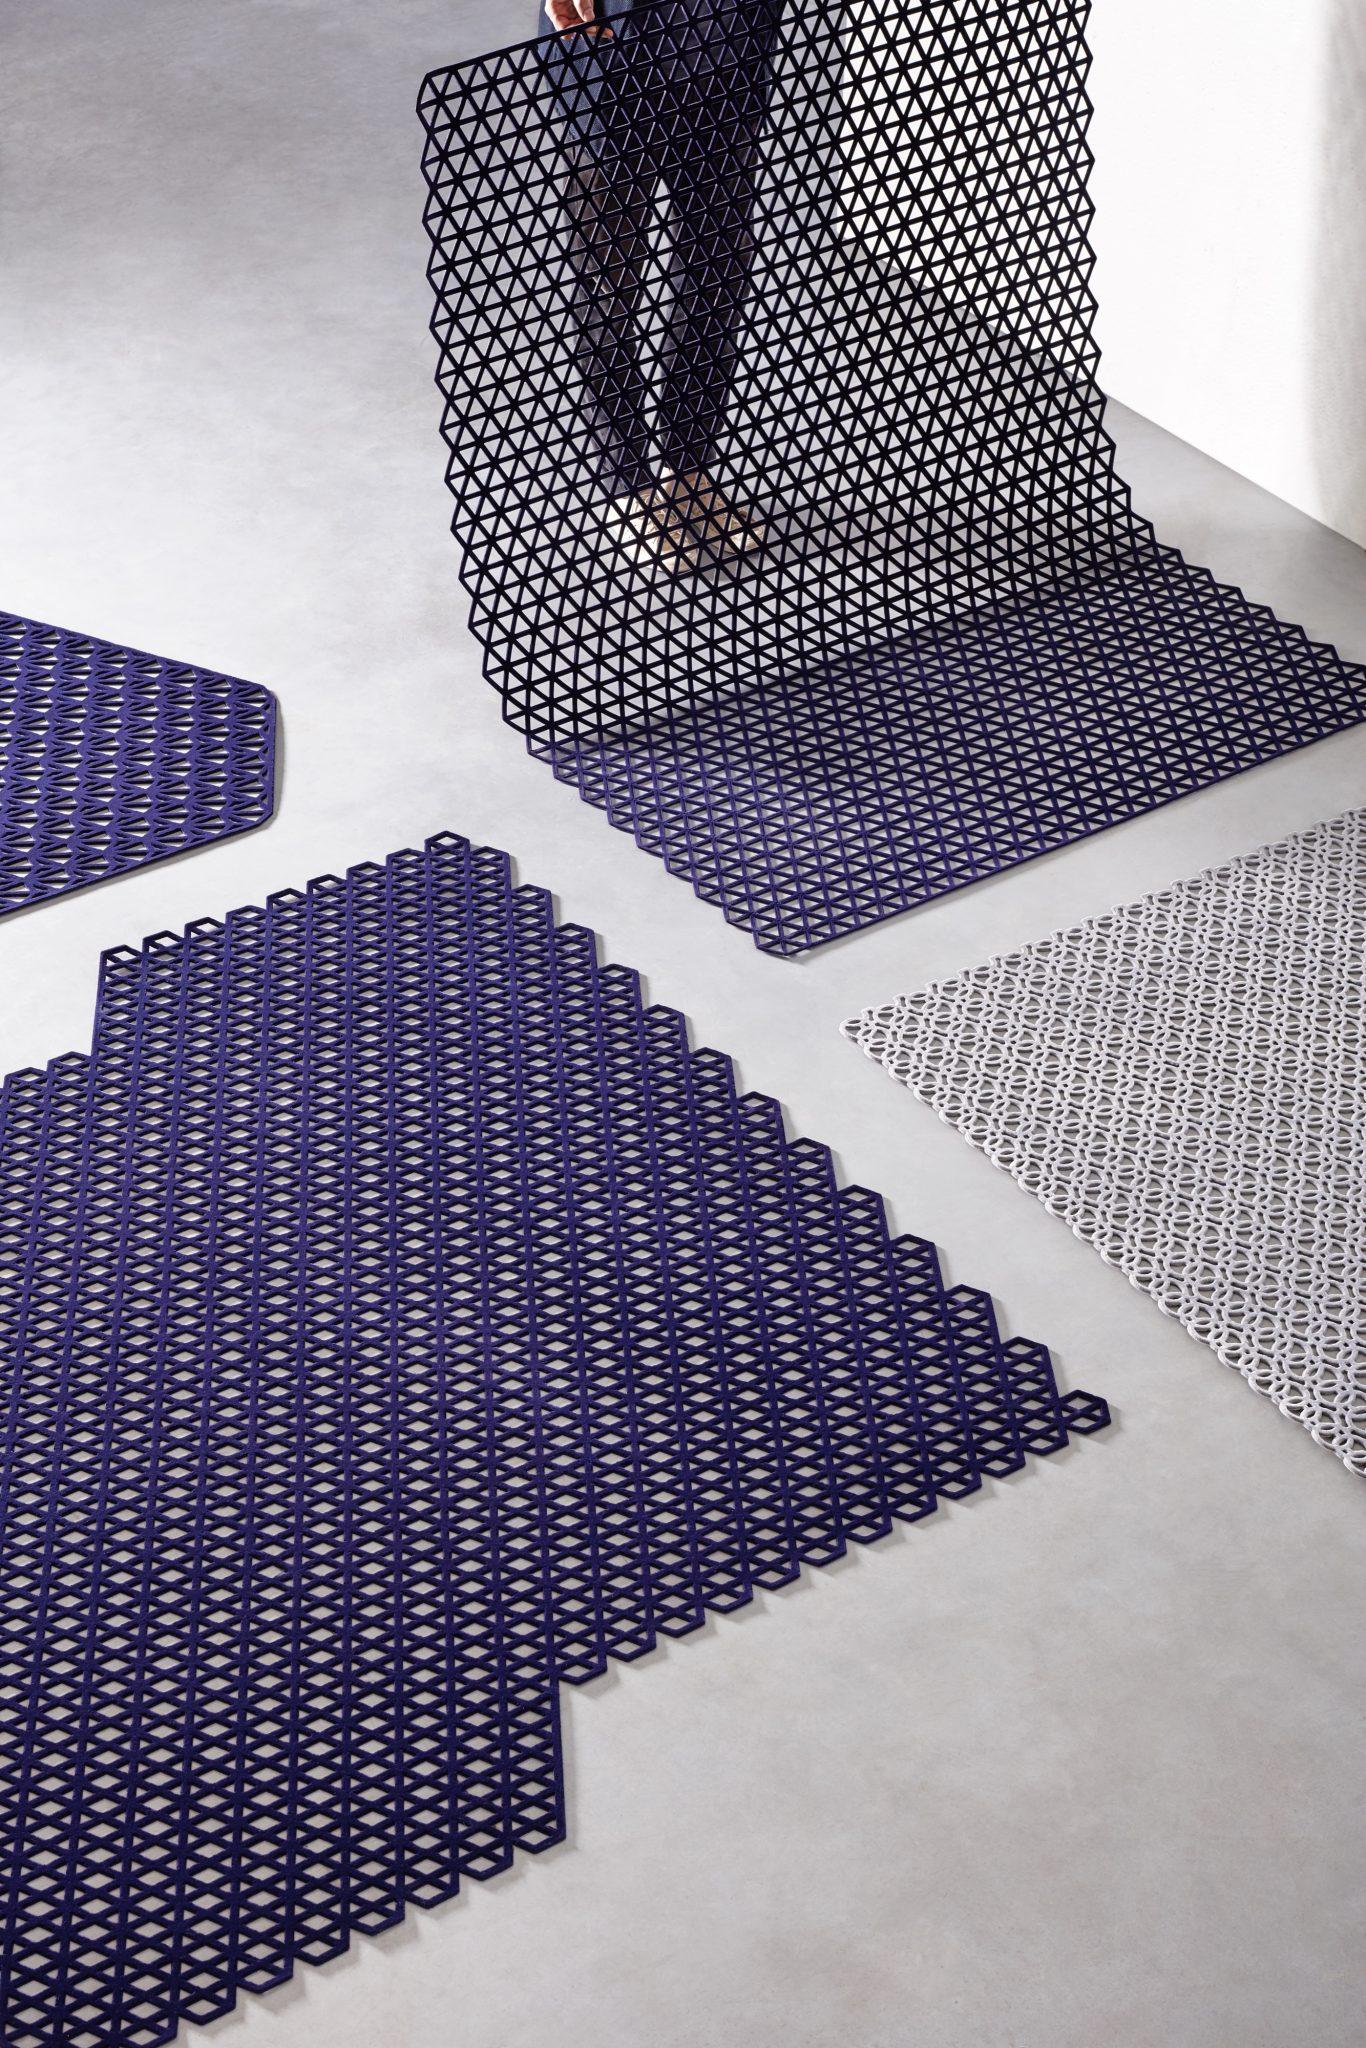 open-rugs-by-studio-plott